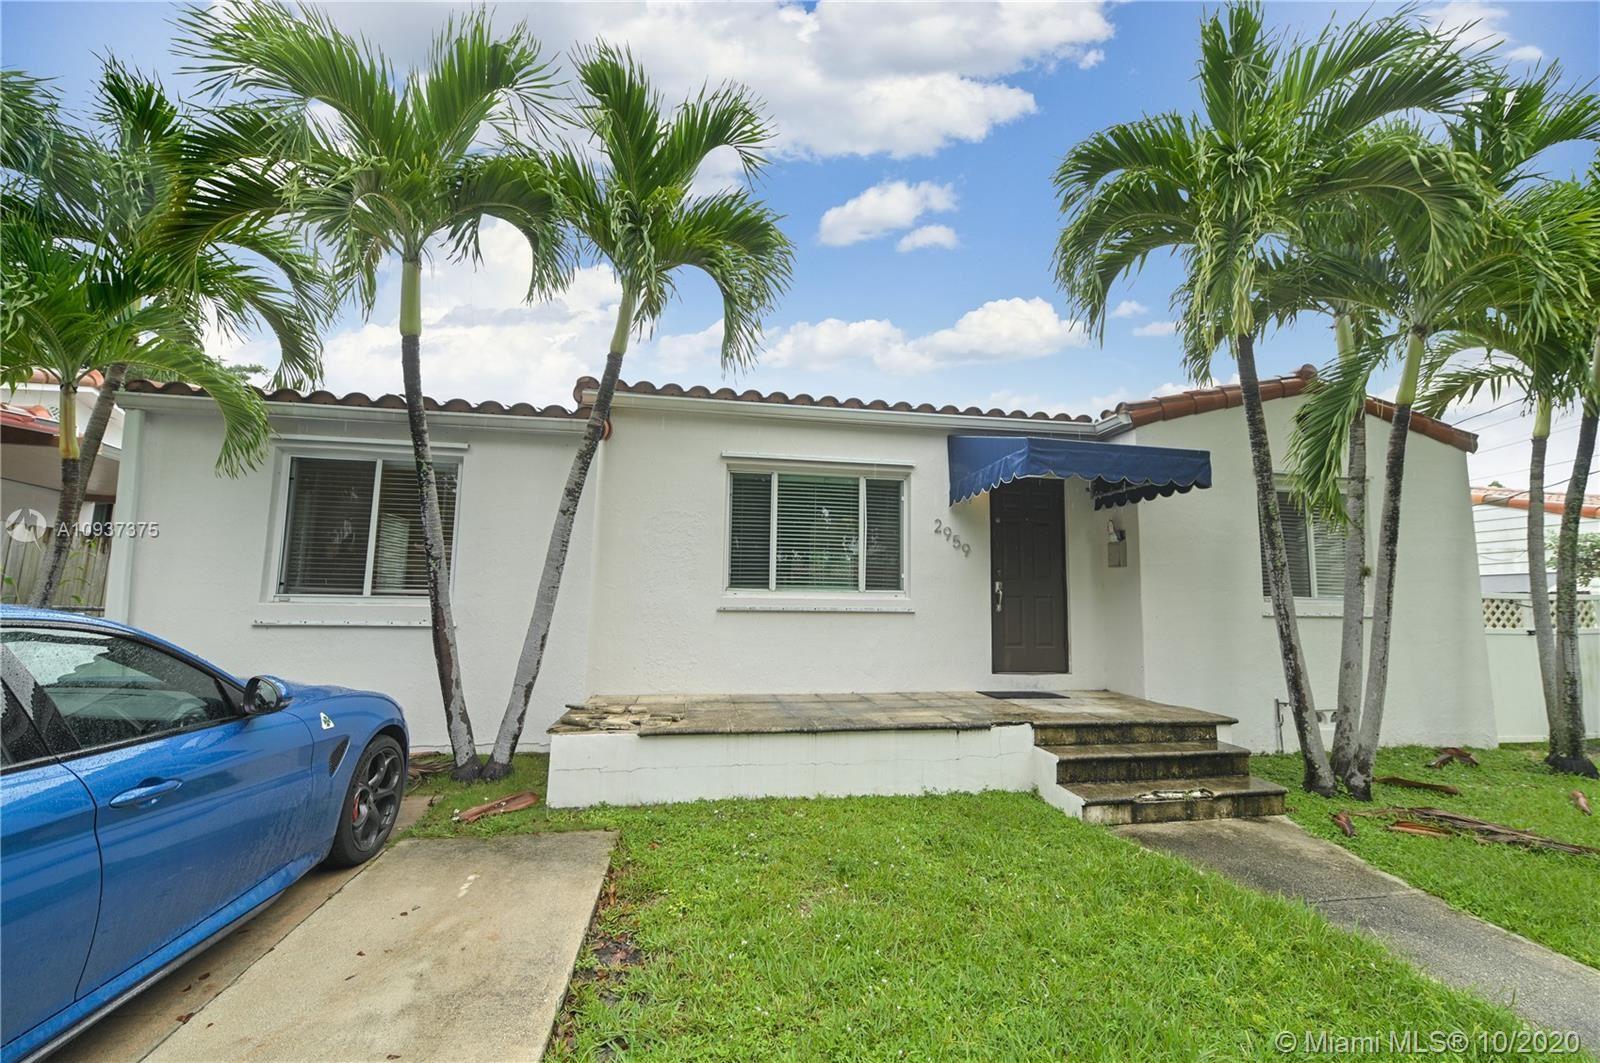 2959 SW 18th St, Miami, FL 33145 - #: A10937375